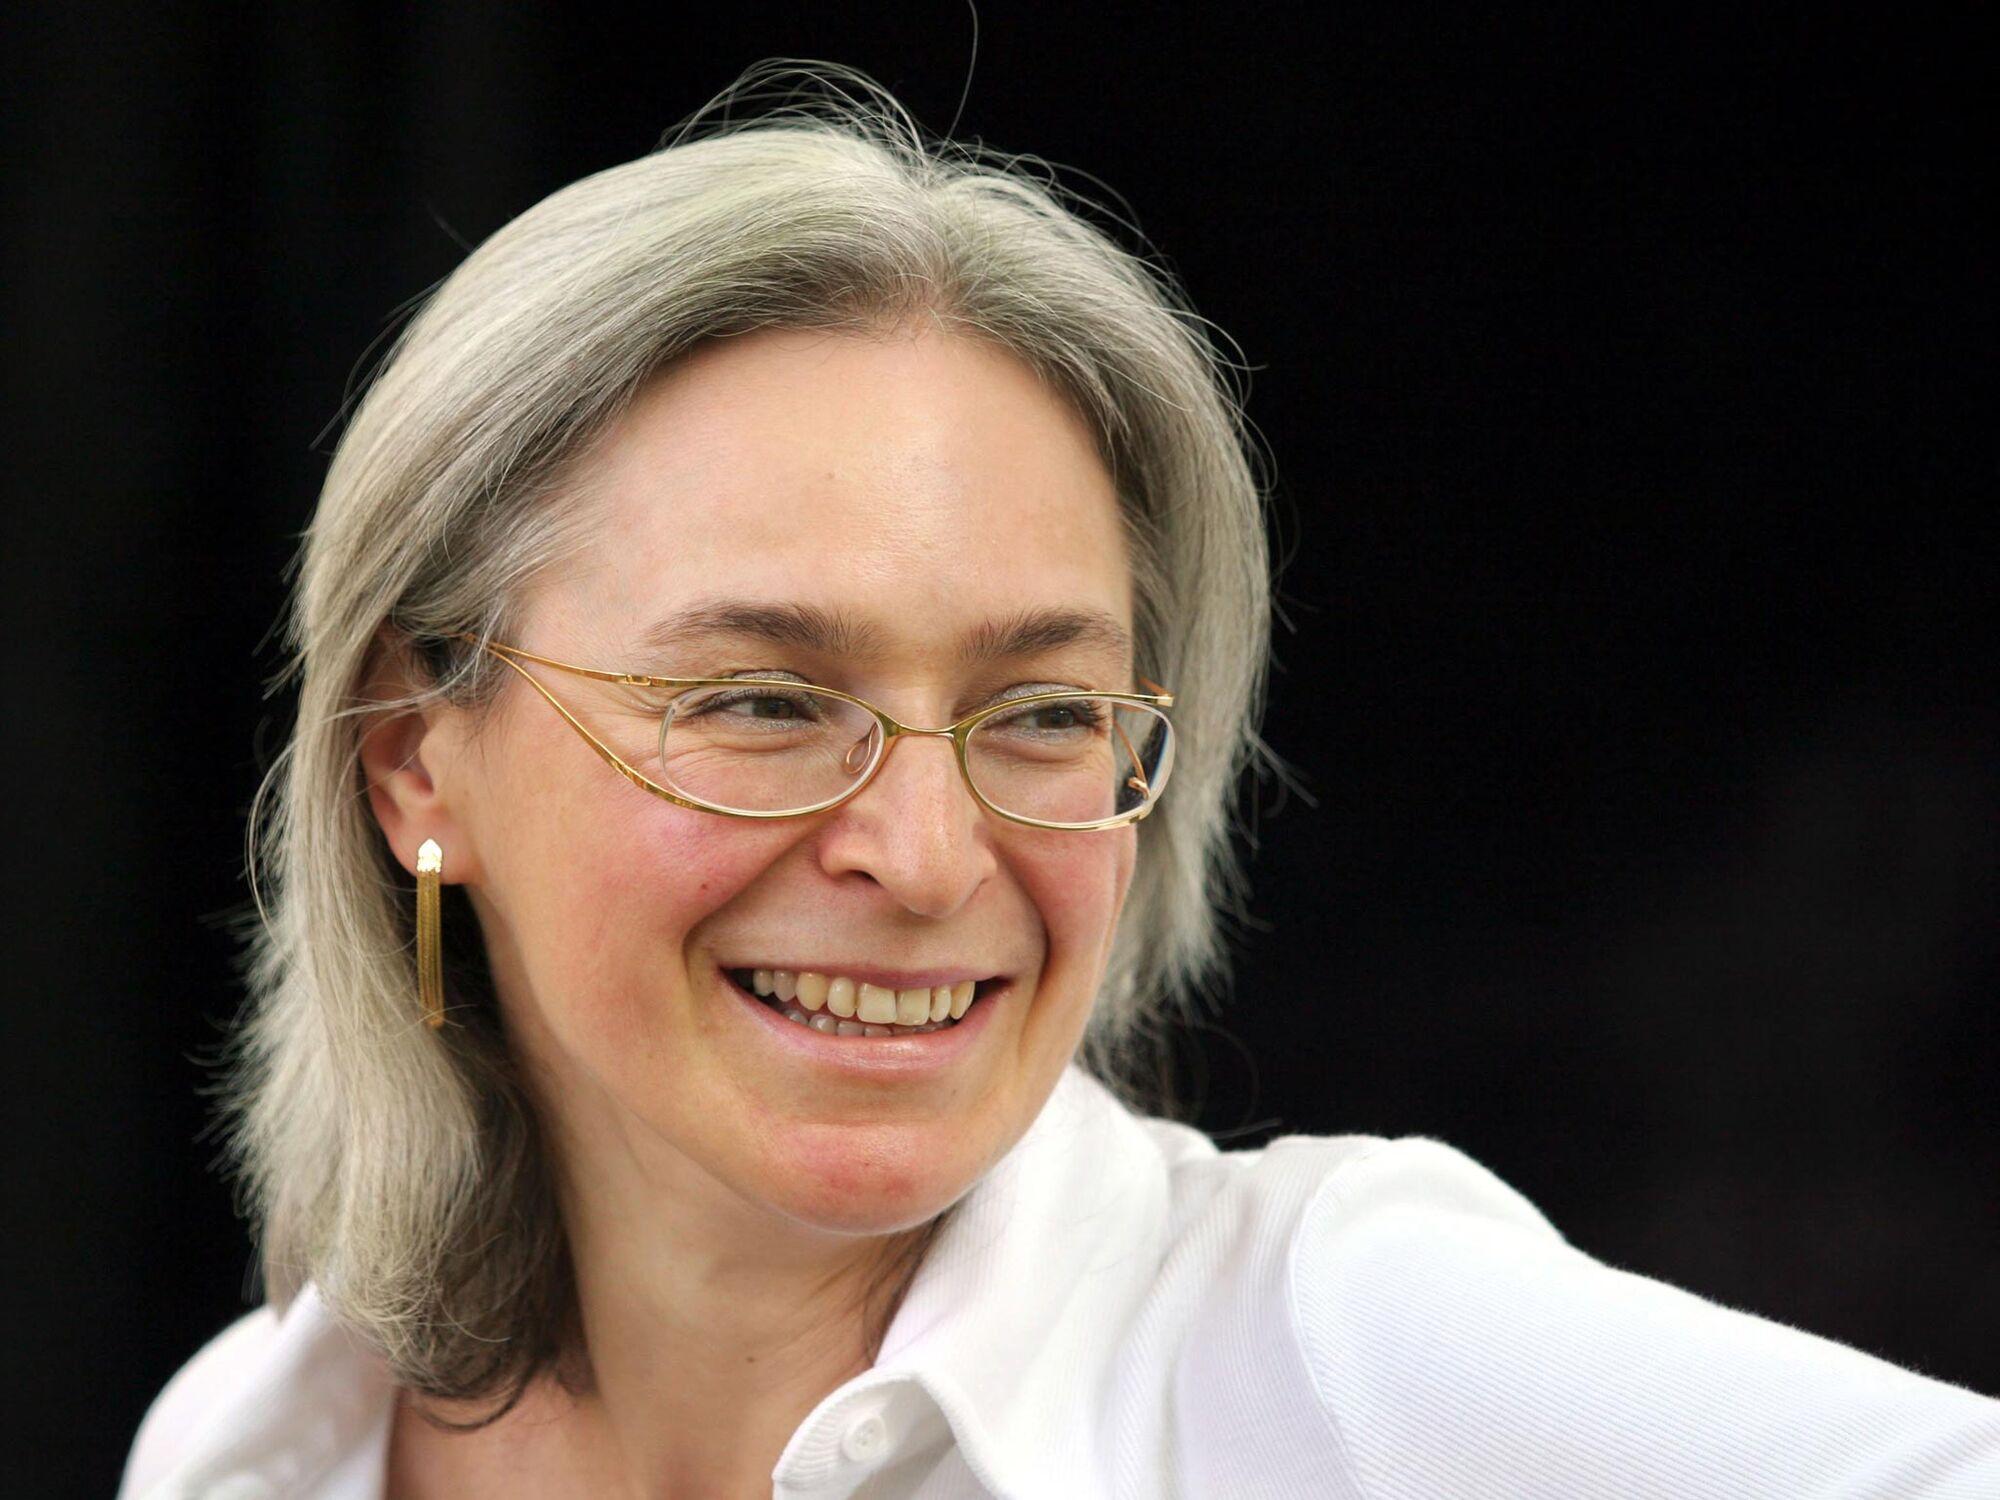 Журналіст Анна Політковська